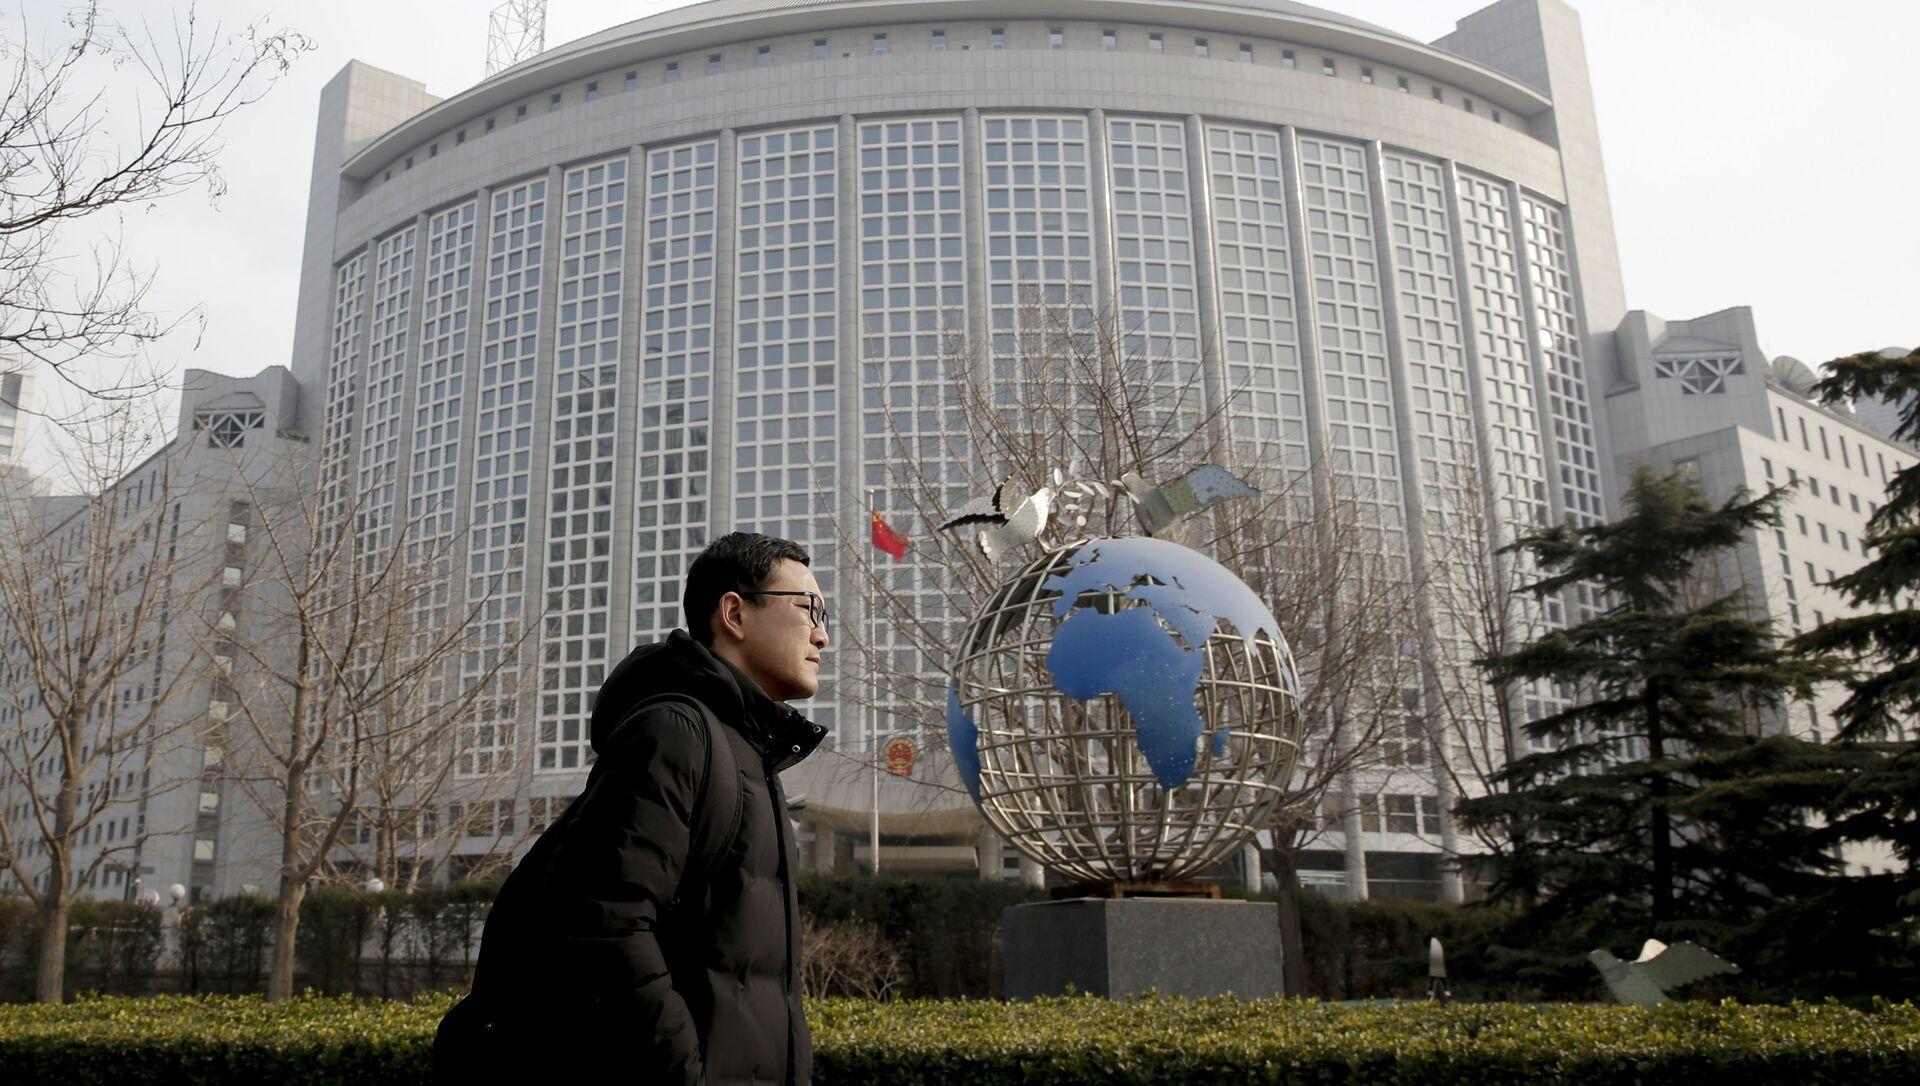 L'edificio del ministero degli Esteri della Cina a Pechino - Sputnik Italia, 1920, 22.03.2021